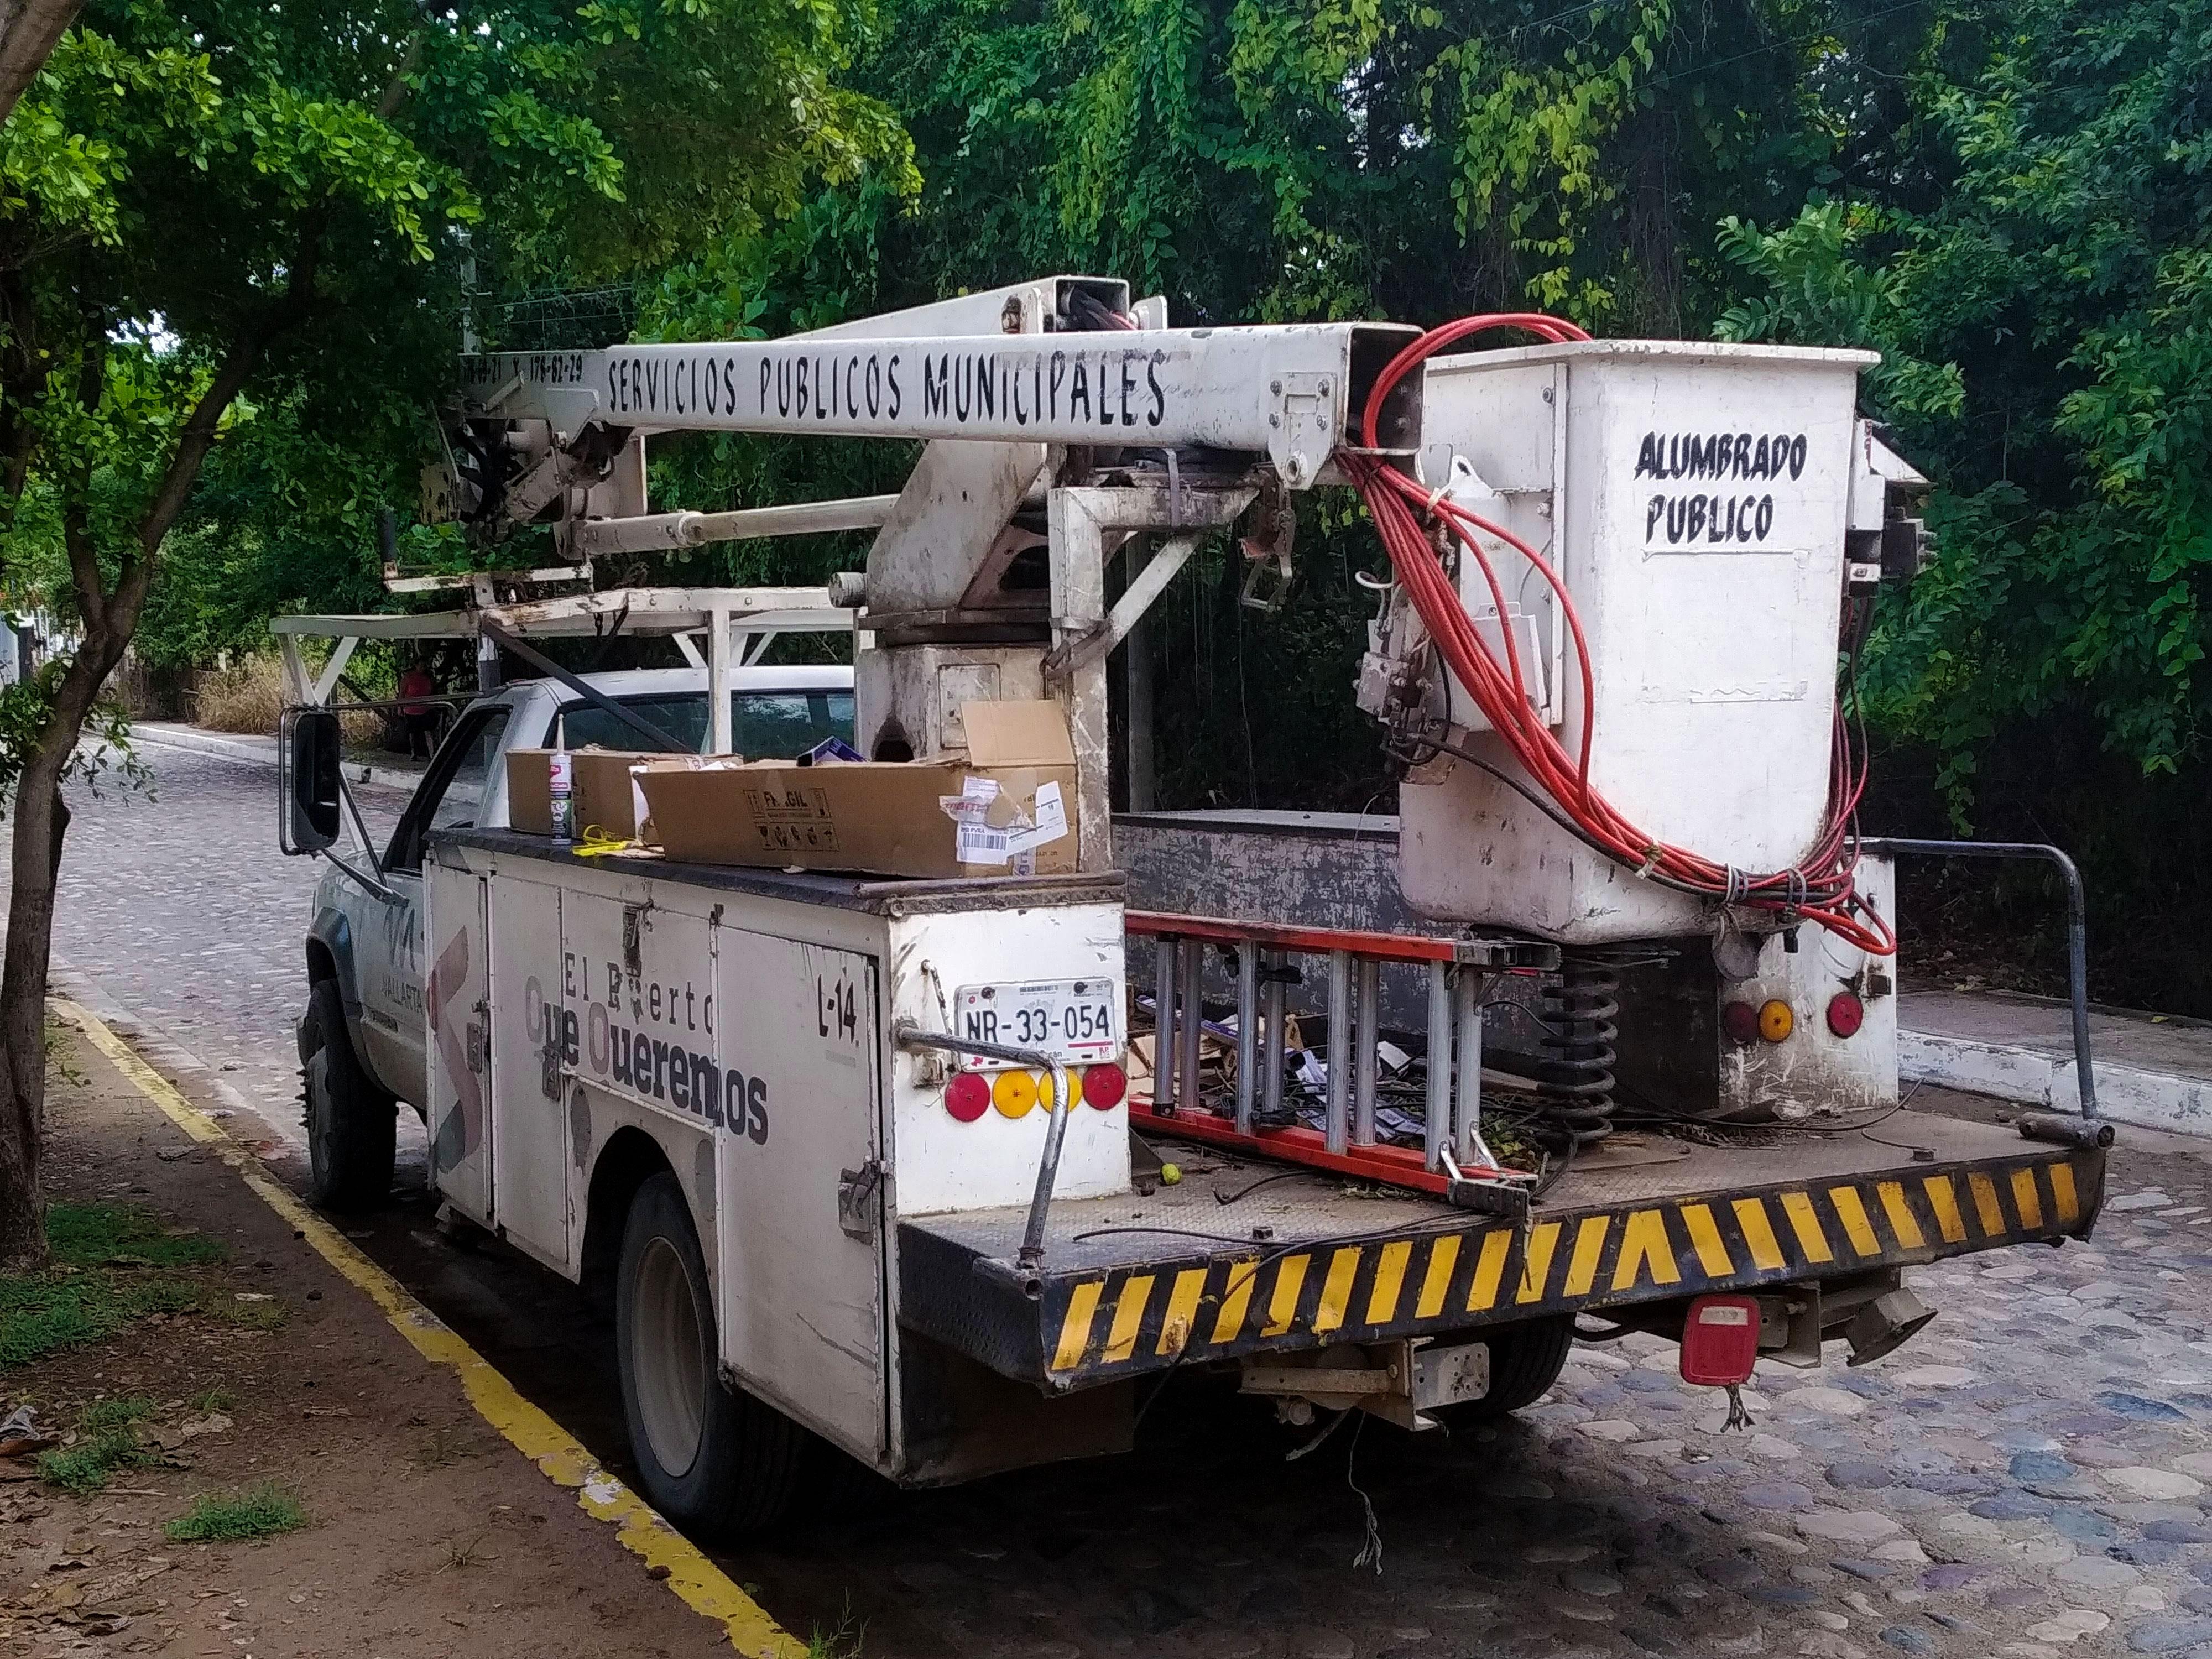 Camion de Alumbrado Público en Puerto Vallarta, Jalisco